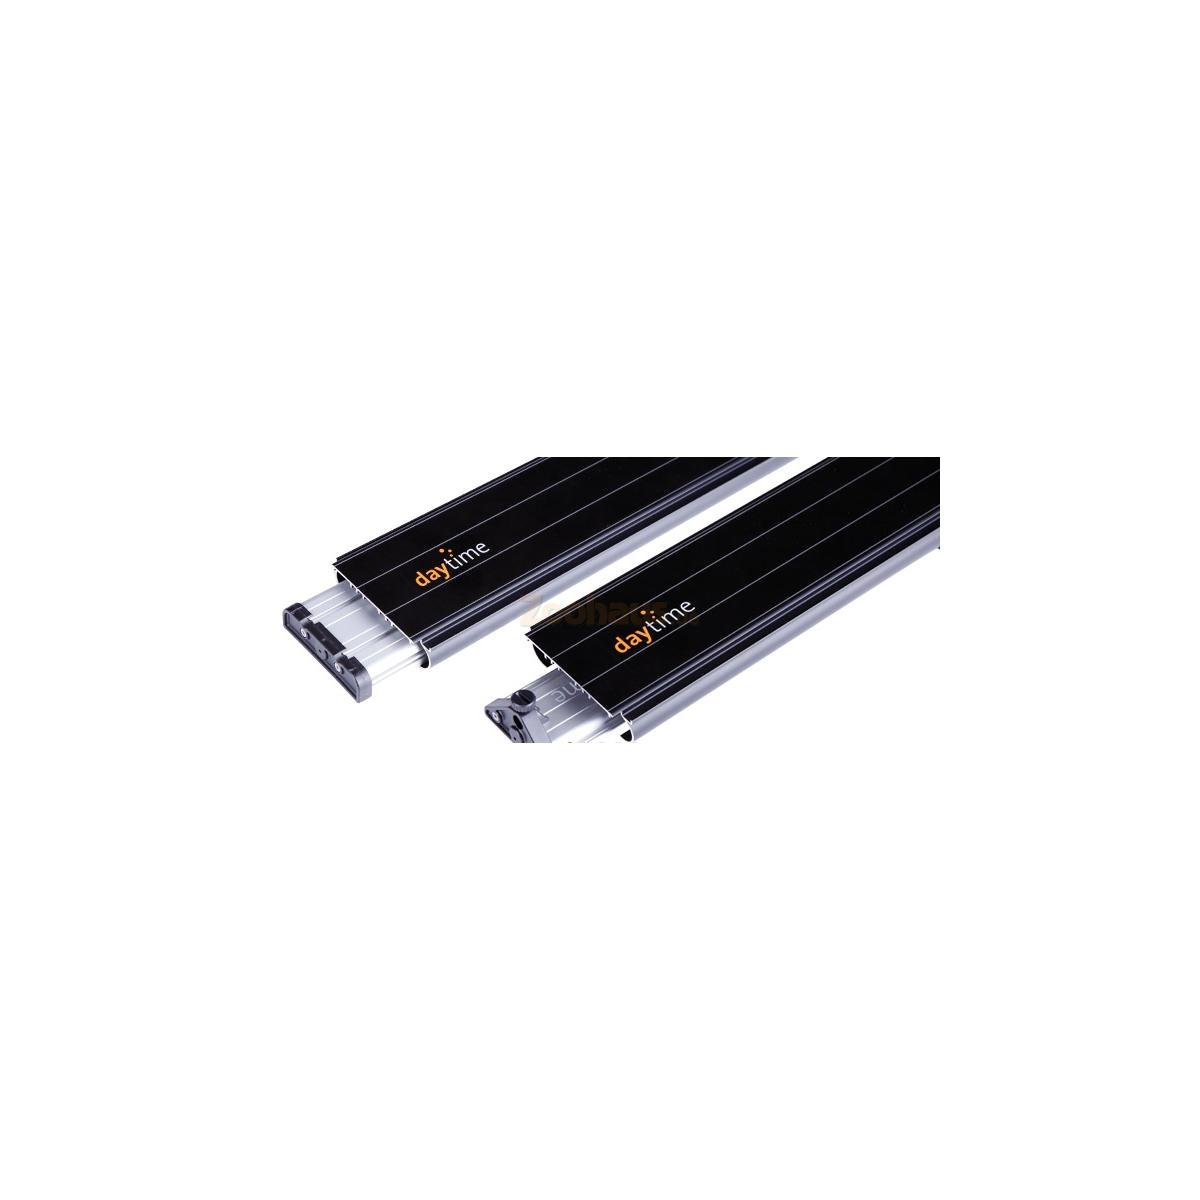 LED Eco und Cluster Aluminium-Profil für Eheim und Juwel Aquariumabdeckungen Adapter-Profil Juwel 55 - Trigon 350 (hinten)